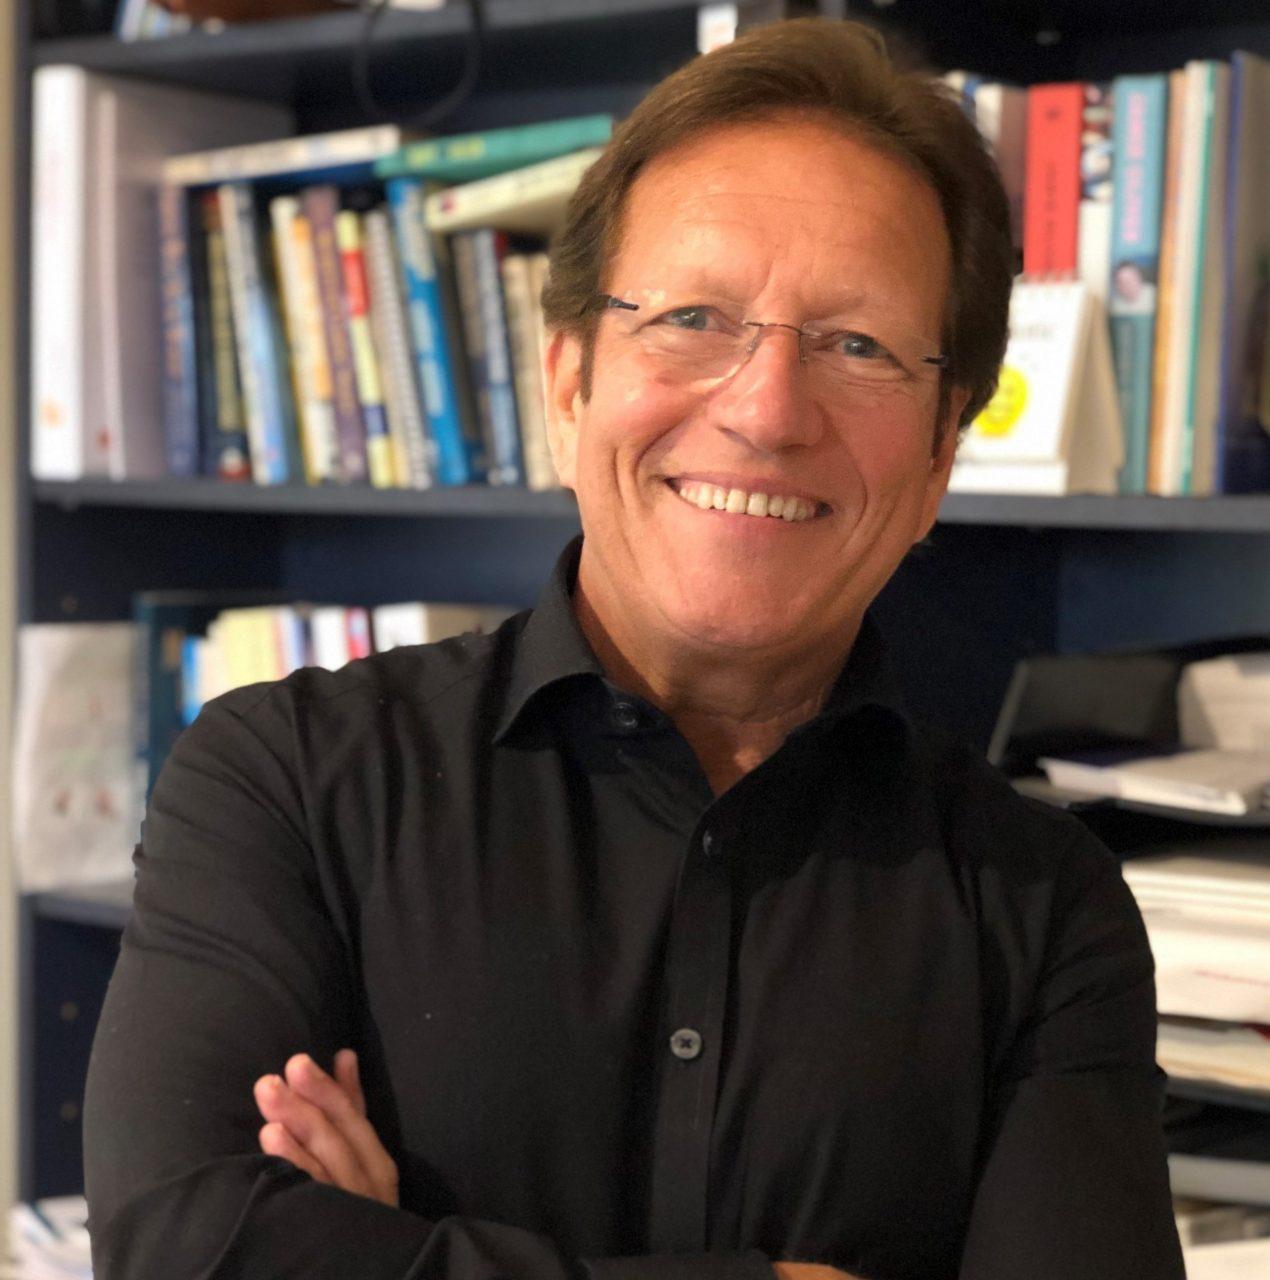 David Penglase